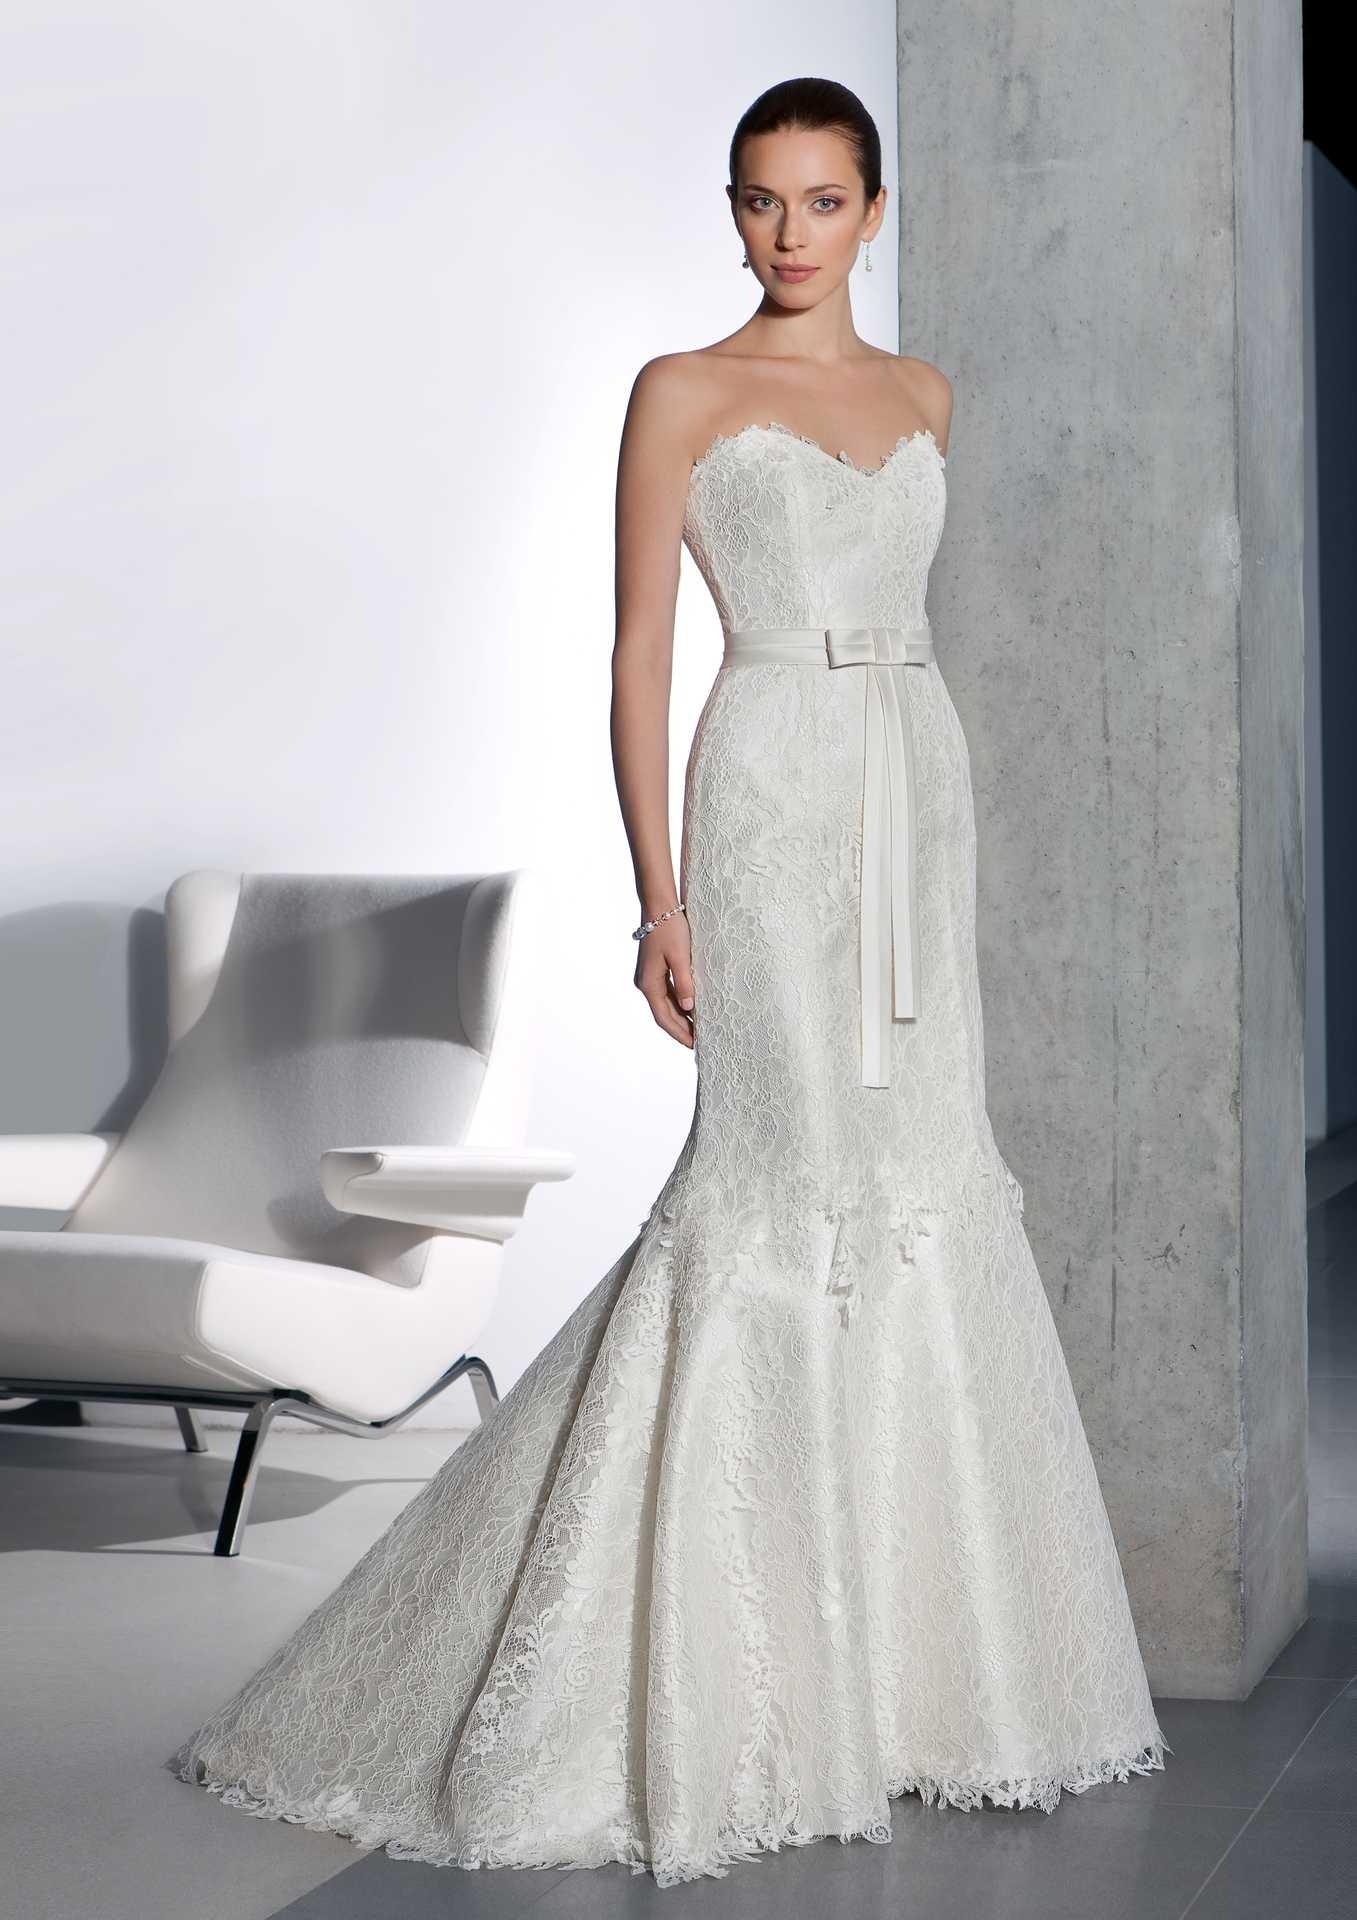 7d272faa90a Свадебные платья по средней цене. Танака